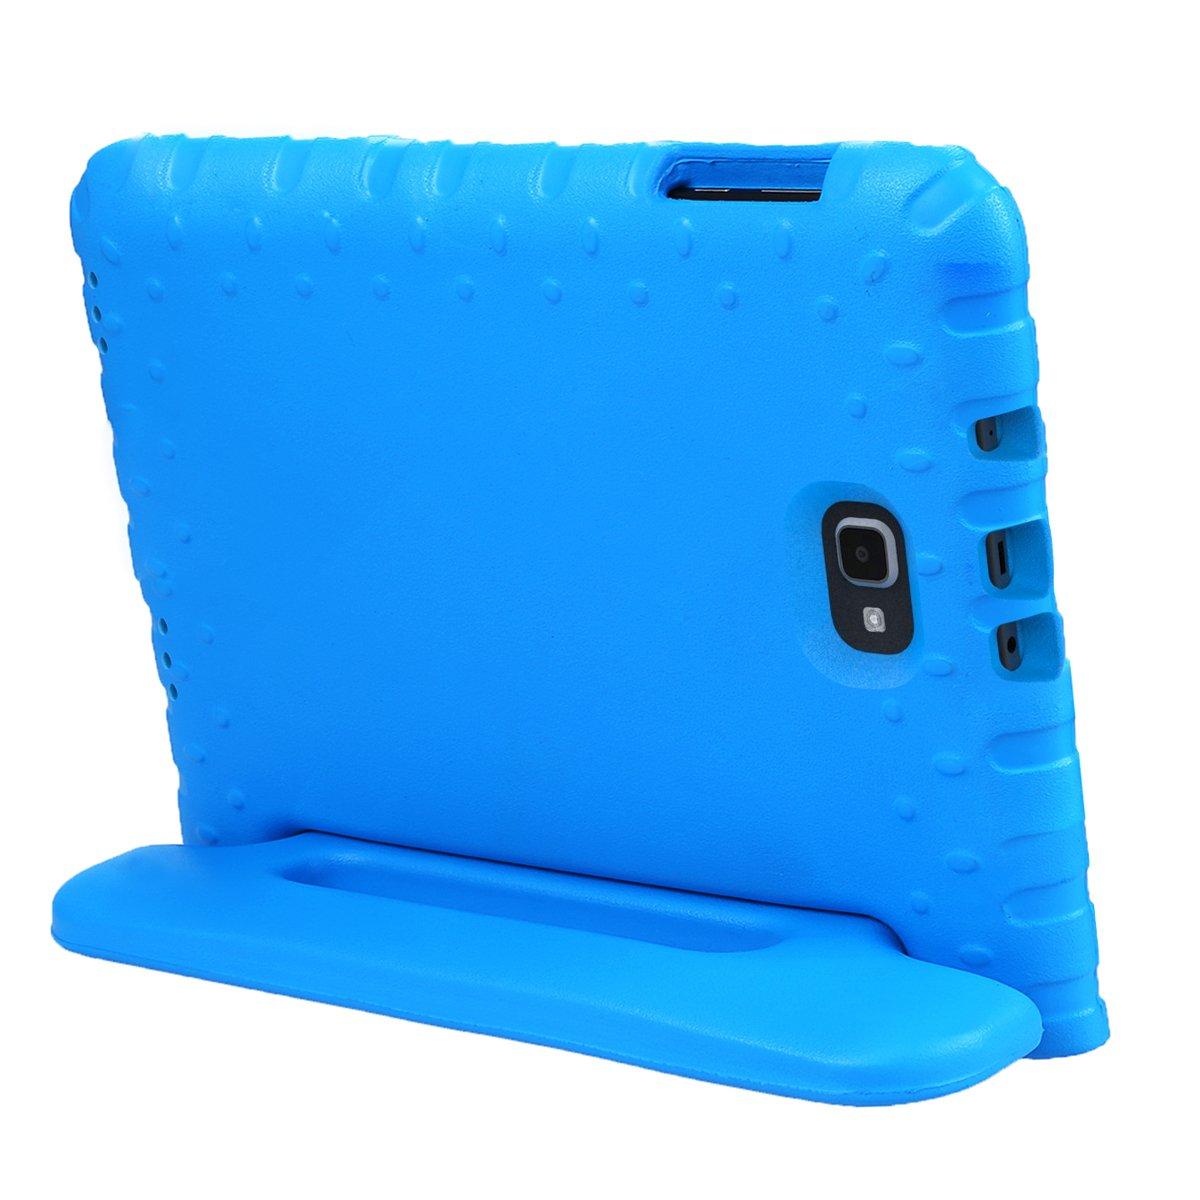 LEADSTAR Samsung Galaxy Tab A 10.1 Rojo Ligero y Super Protective Antichoque EVA Funda Dise/ñar Especialmente para los Ni/ños para Samsung Tab A 10.1 T580N // T585N 2016